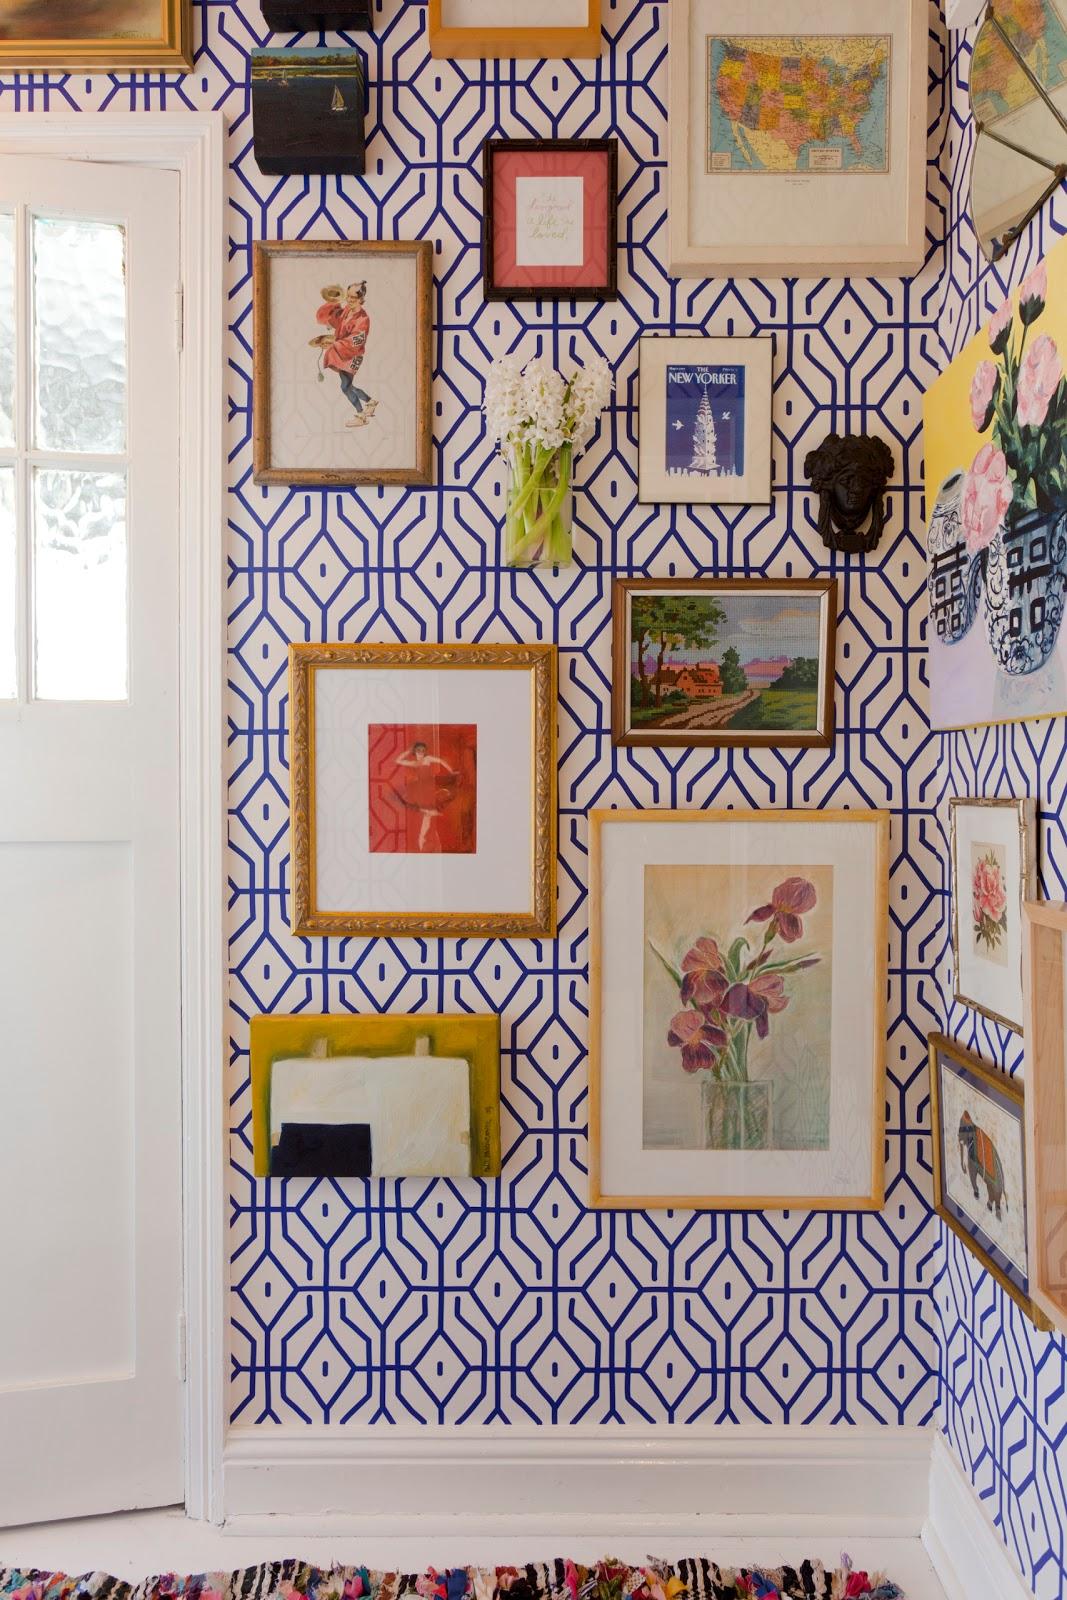 http://1.bp.blogspot.com/-EZGYhoCPs4I/T7HpPPNxj4I/AAAAAAAAM5A/KChTdhYsahg/s1600/wallpaper-annaspiro-a.jpg